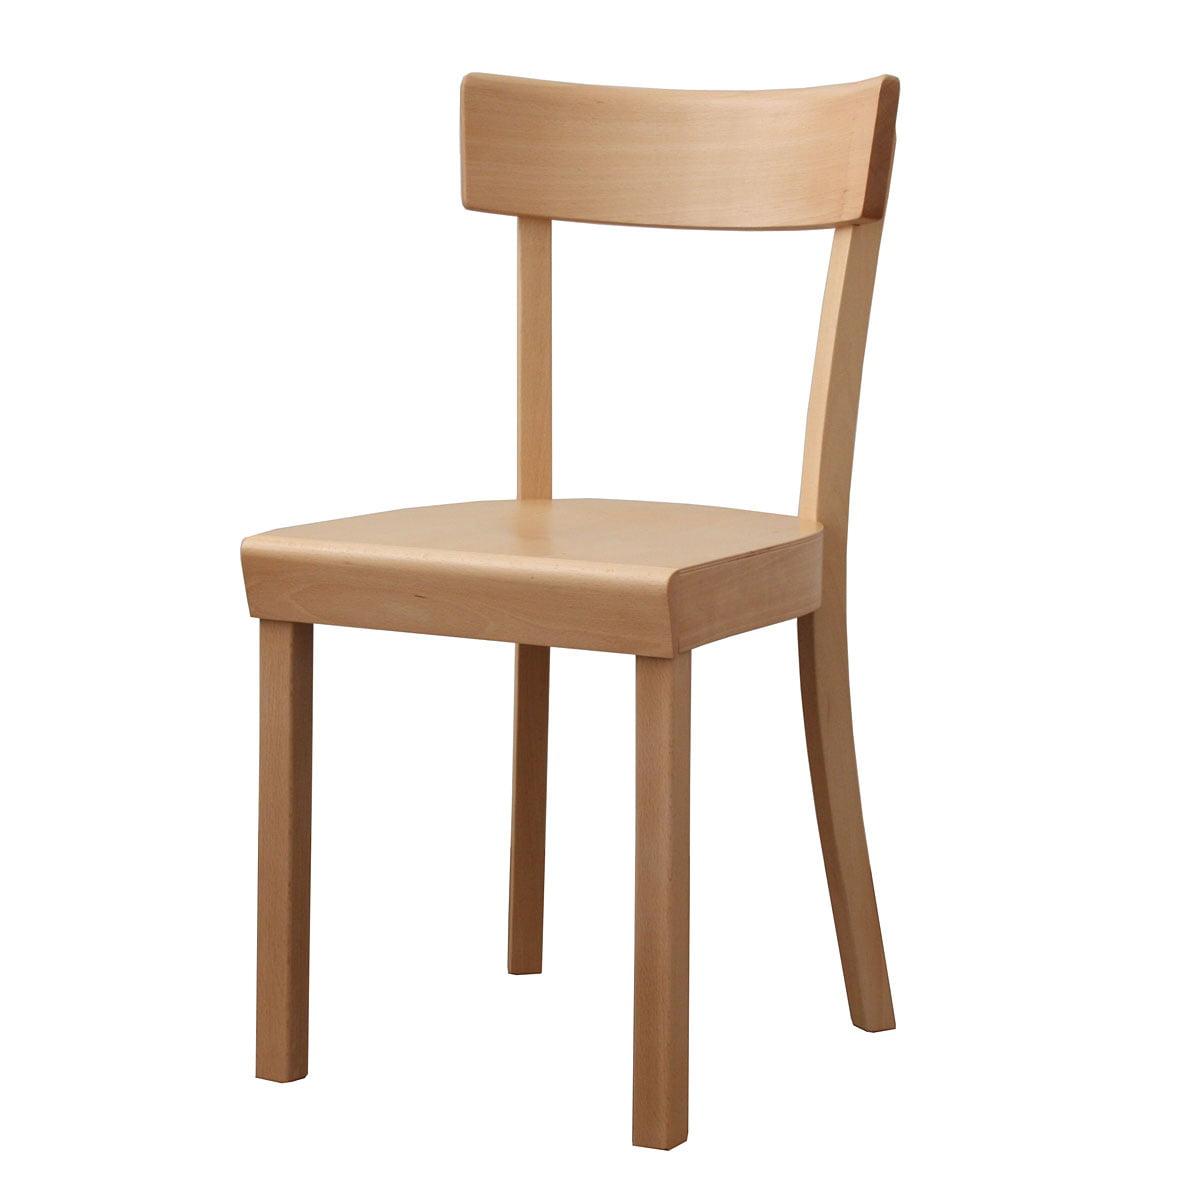 Stuhl zeichnung  Frankfurter Stuhl von Stoelcker | Connox Shop